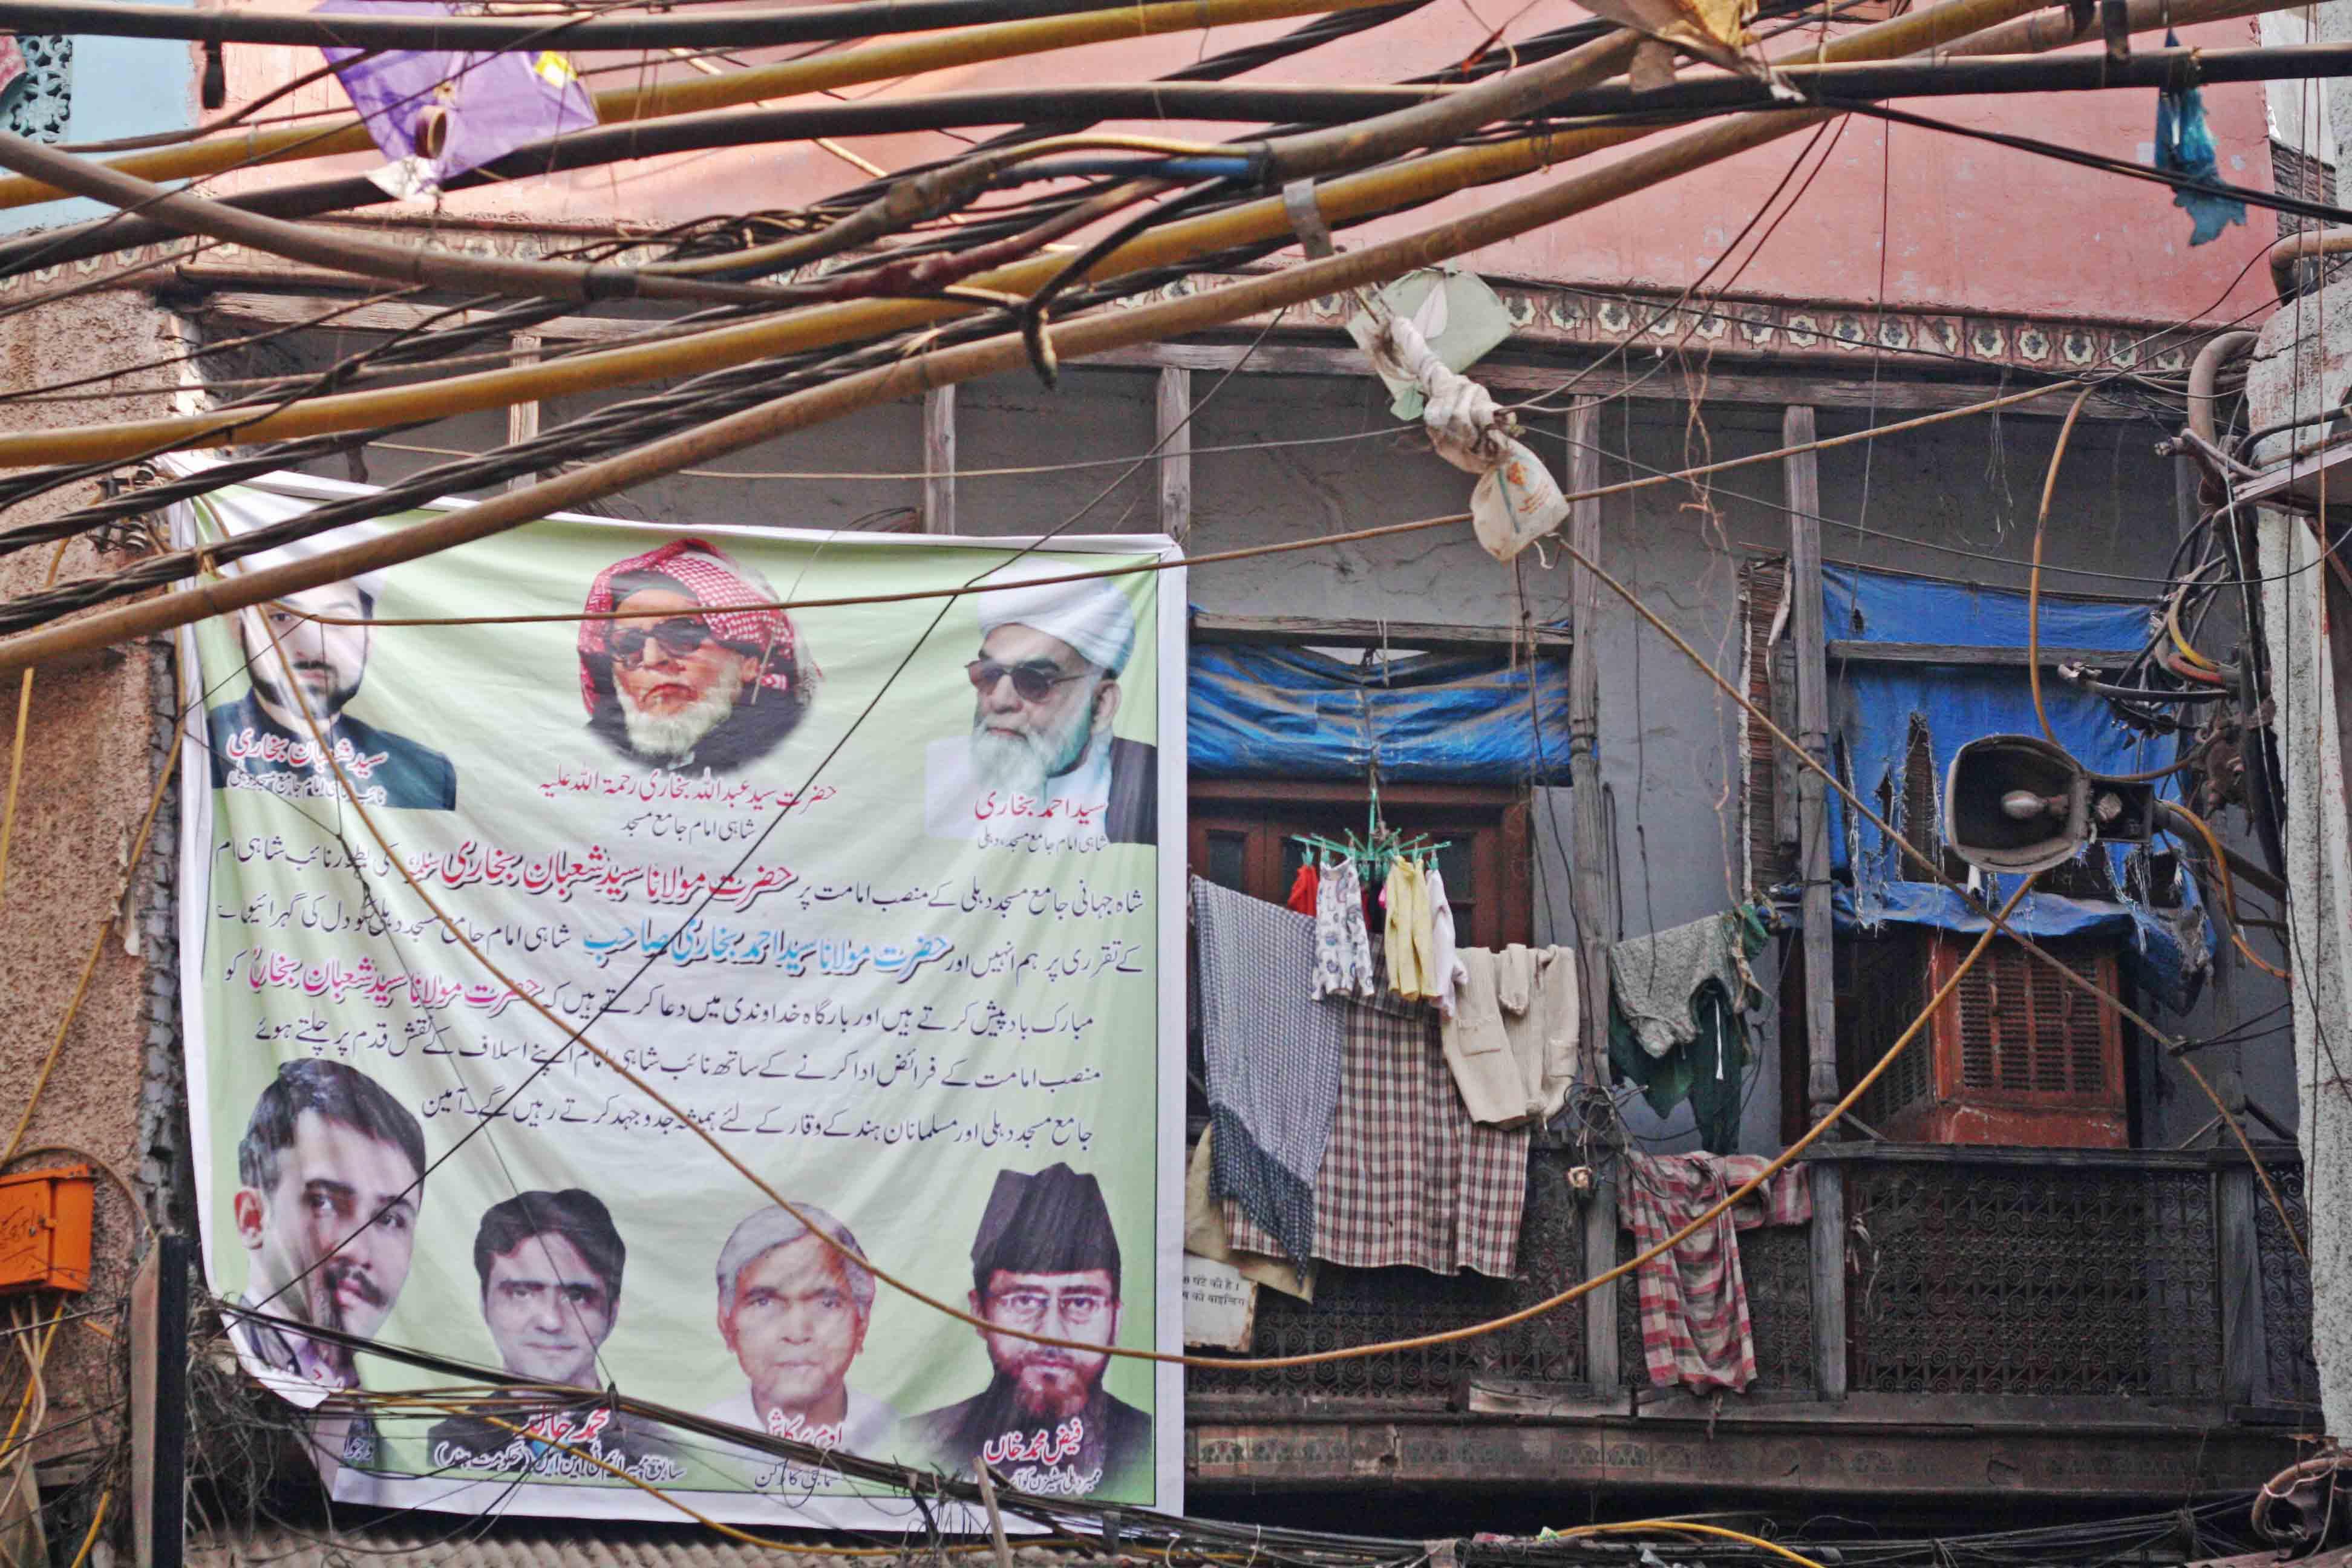 City List Shahi Imams Jama Masjid